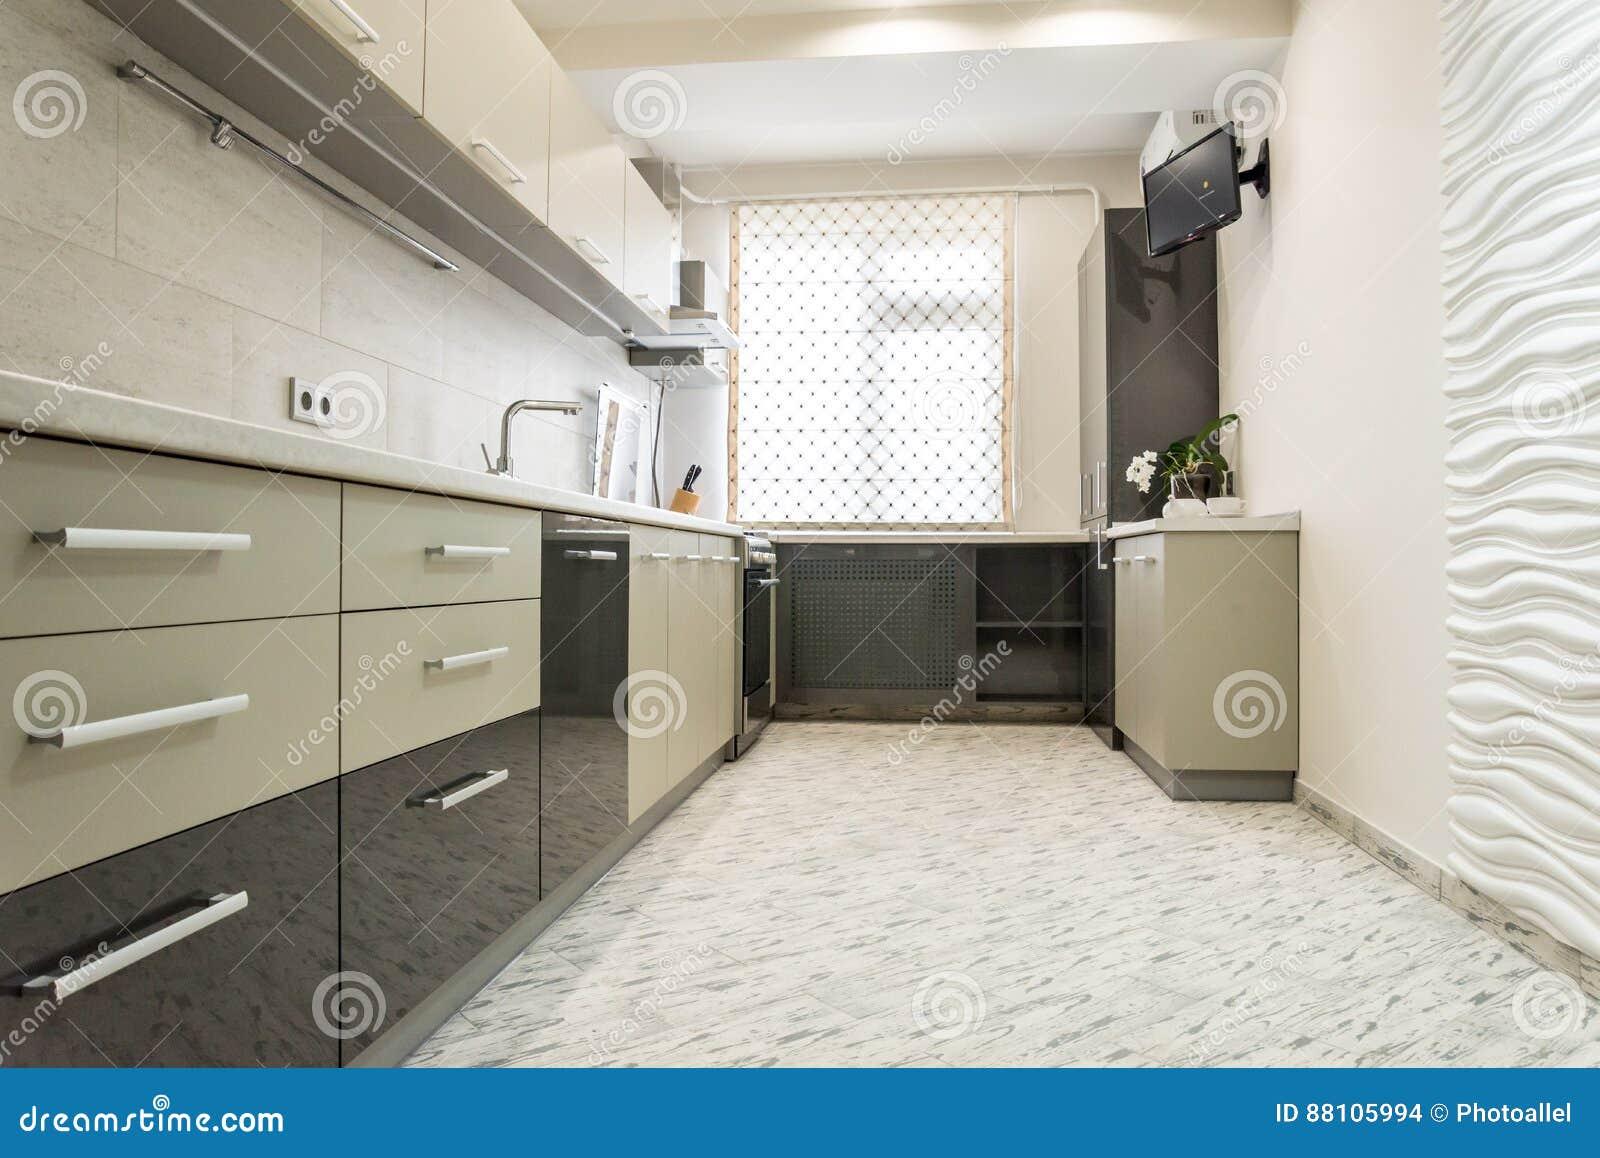 Diseño Interior Limpio De La Cocina Color Crema Moderna Foto de ...